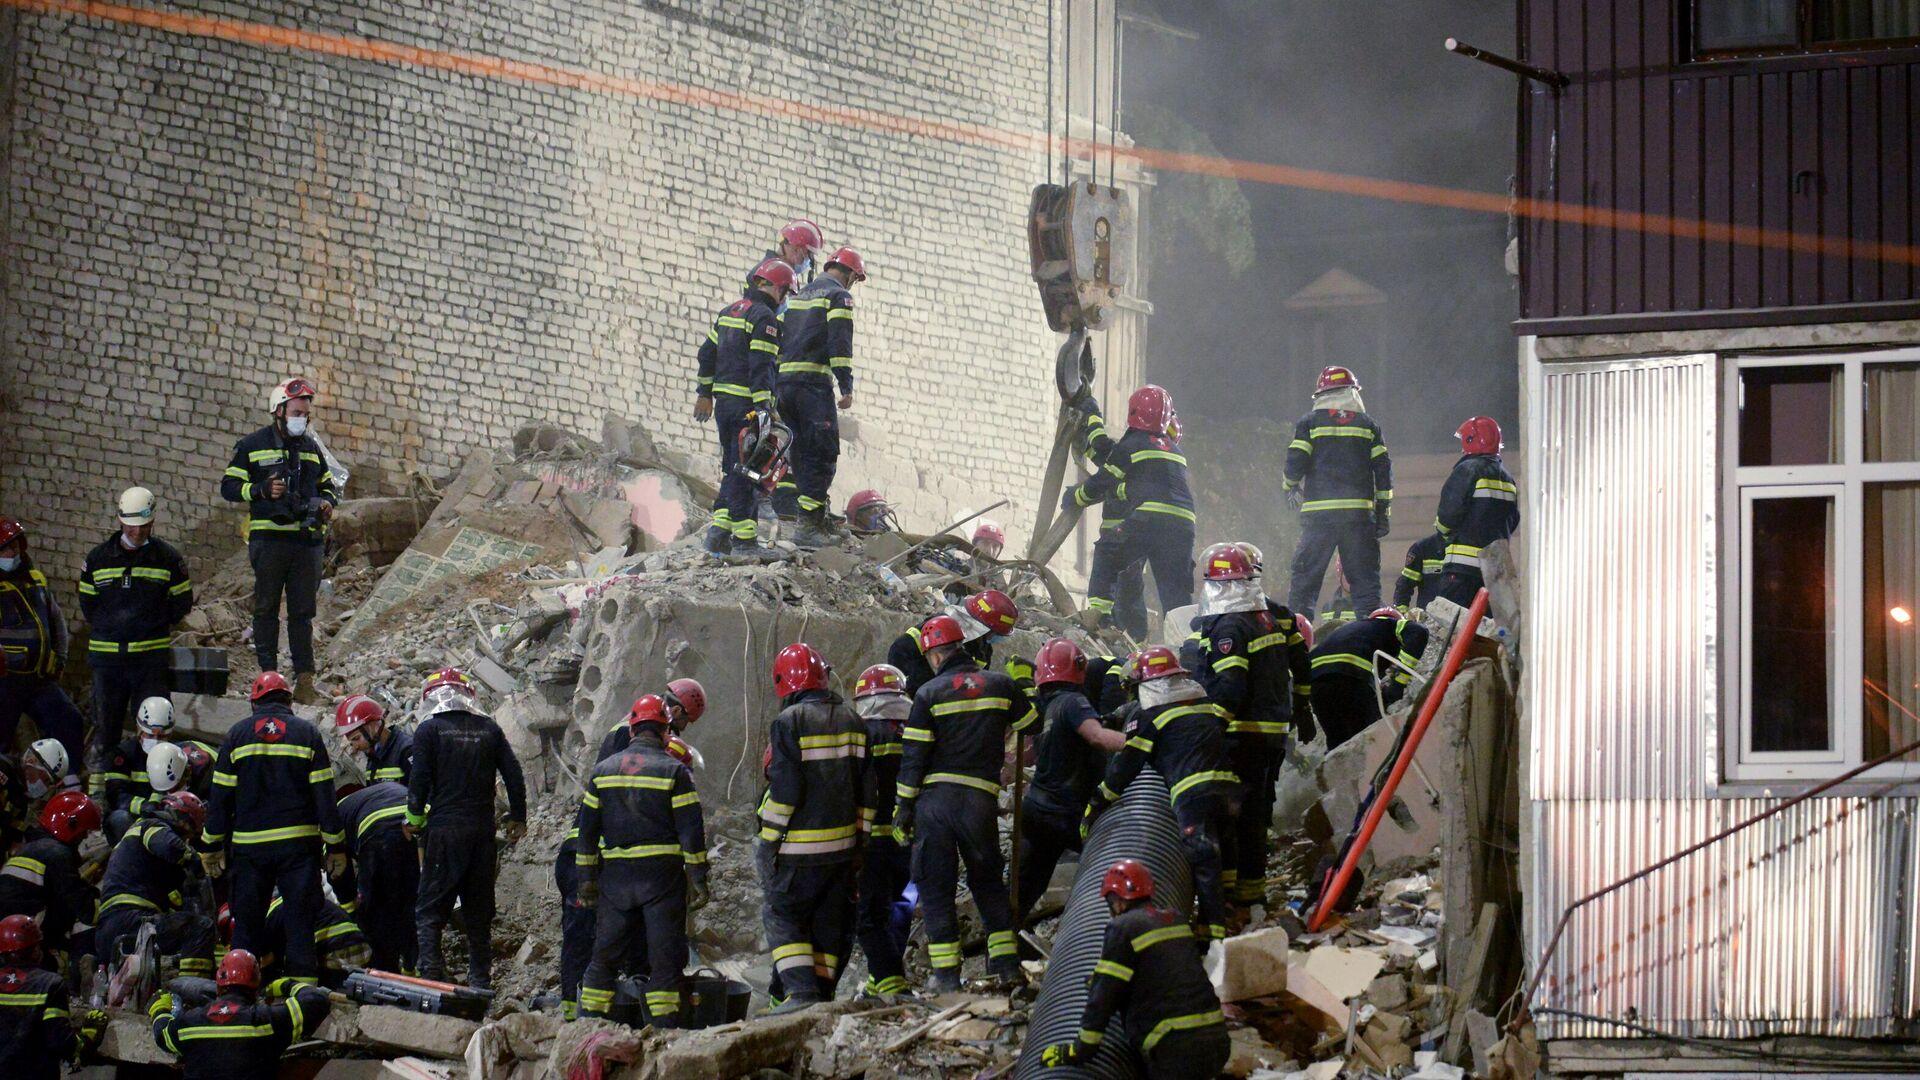 Поисковые работы и разбор завалов на месте обрушения одного из подъездов пятиэтажного дома на улице 26 мая в Батуми - Sputnik Азербайджан, 1920, 09.10.2021